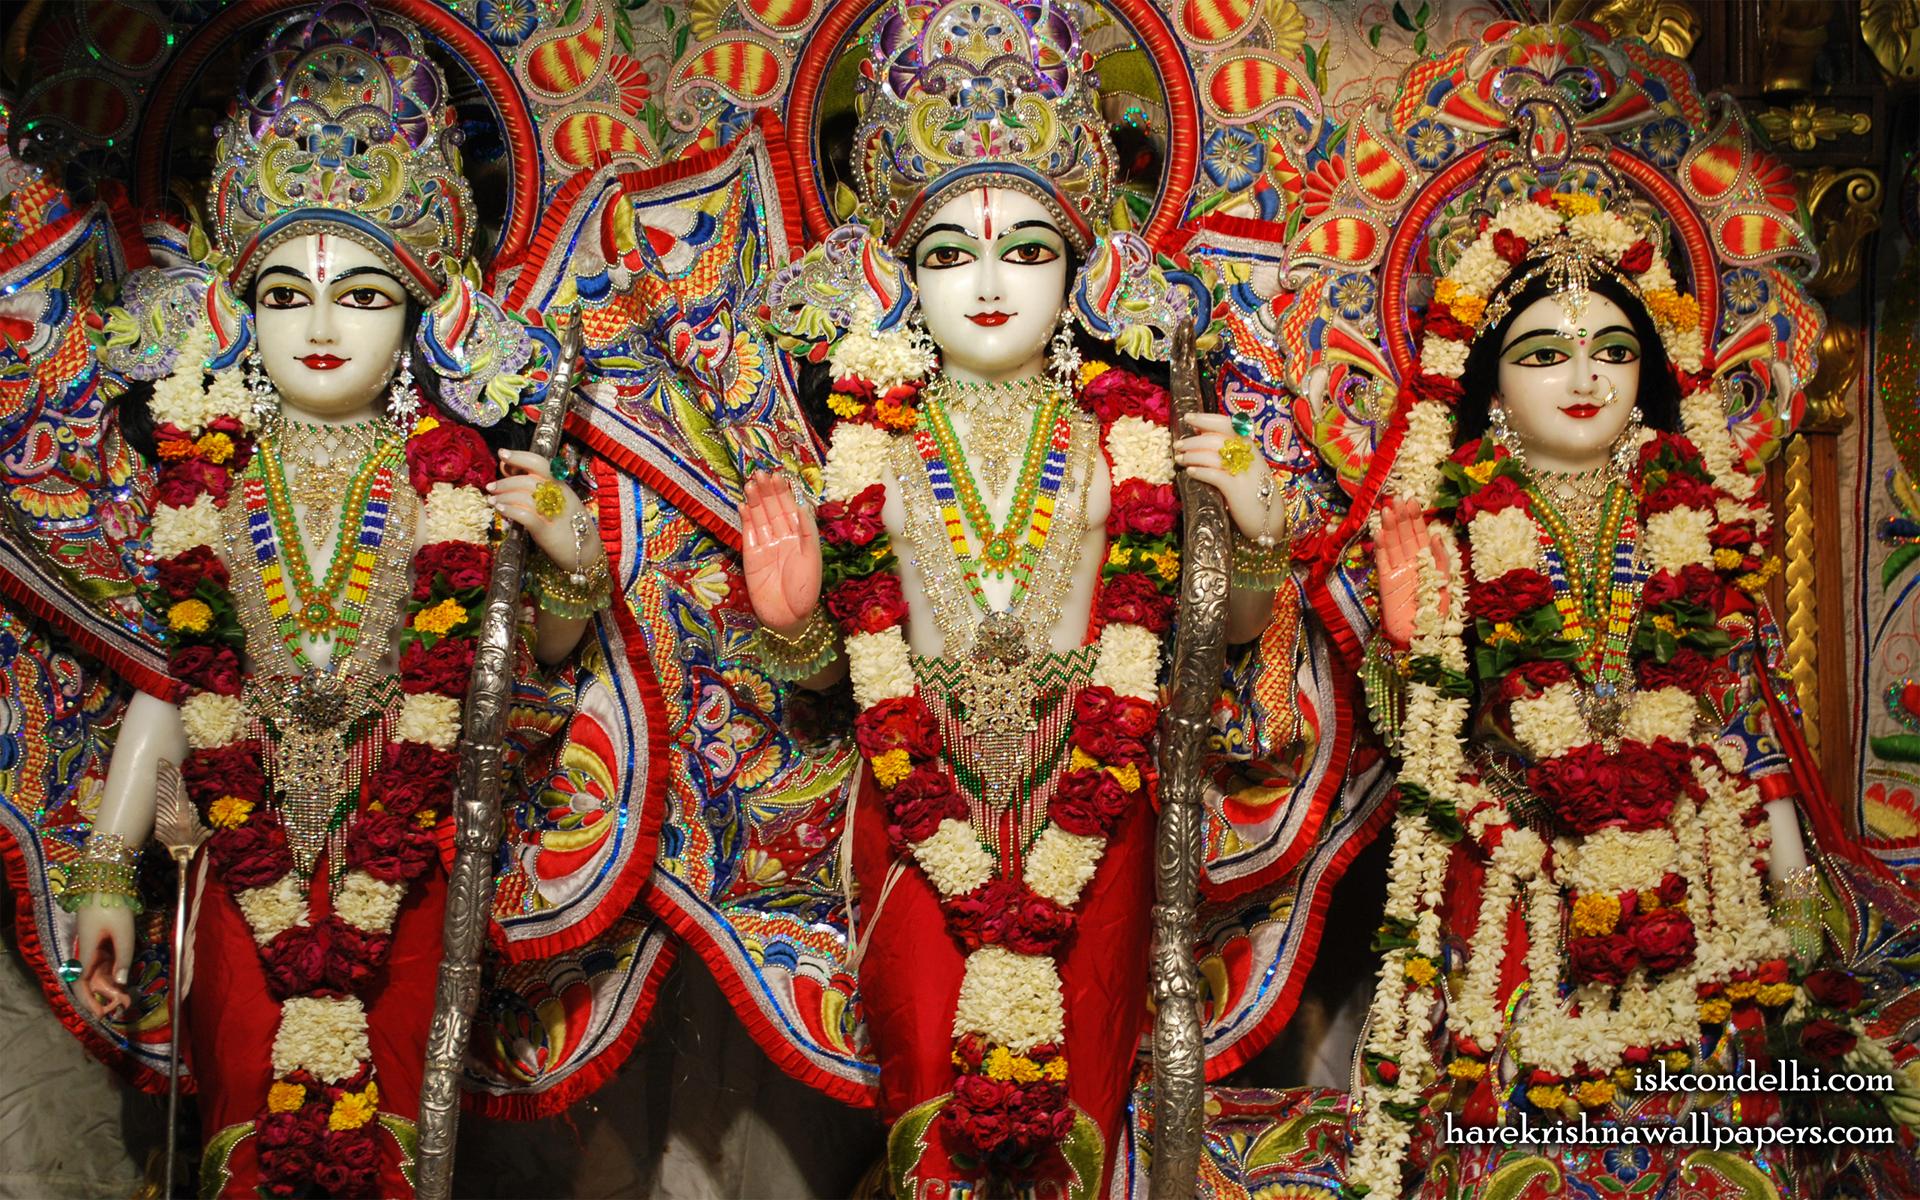 Sri Sri Sita Rama Laxman Wallpaper (008) Size 1920x1200 Download